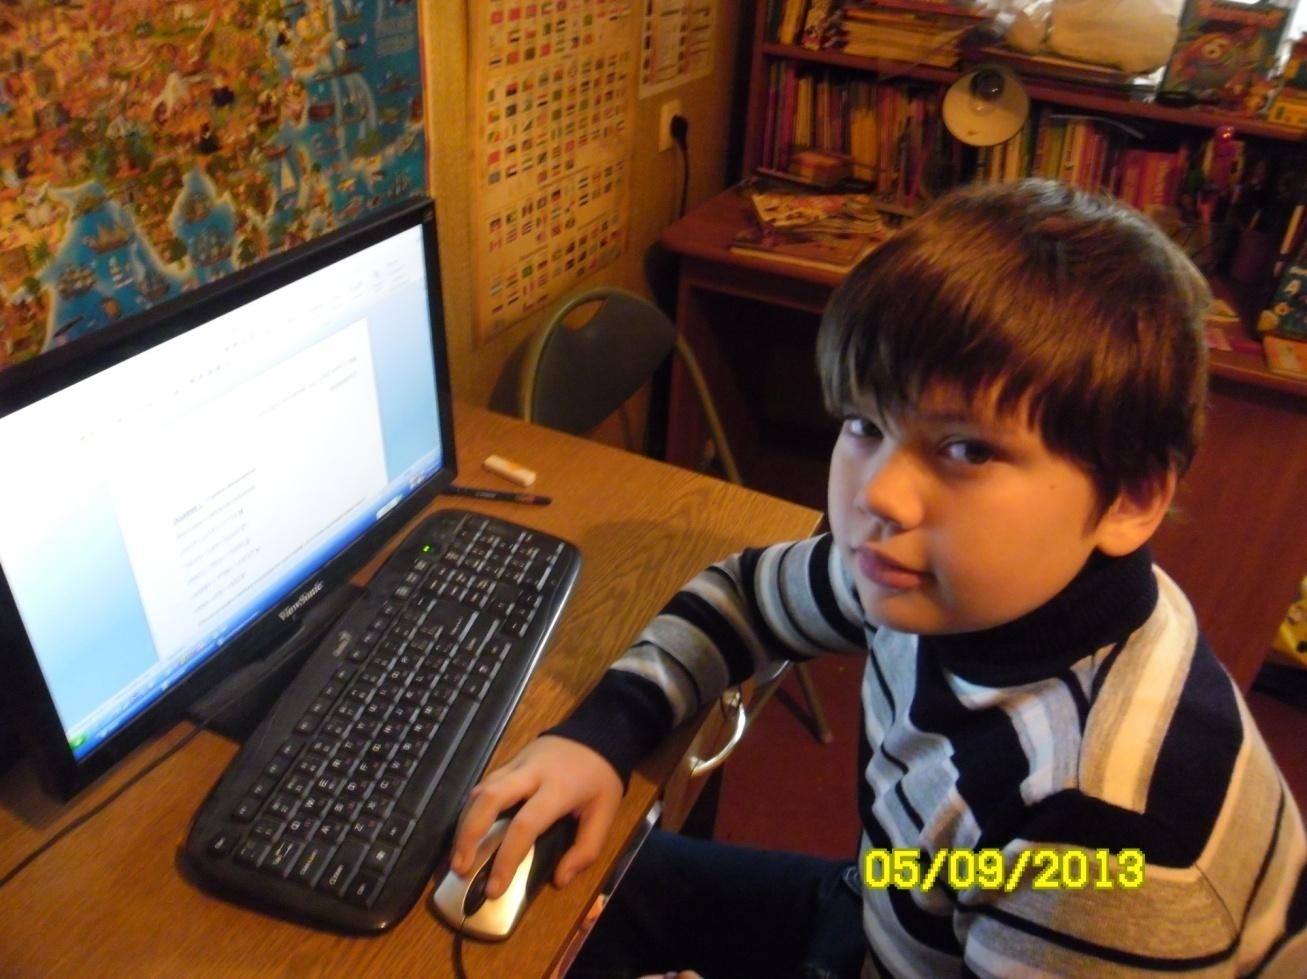 C:\Users\Марина\Desktop\Новая папка (2)\SAM_0610.JPG